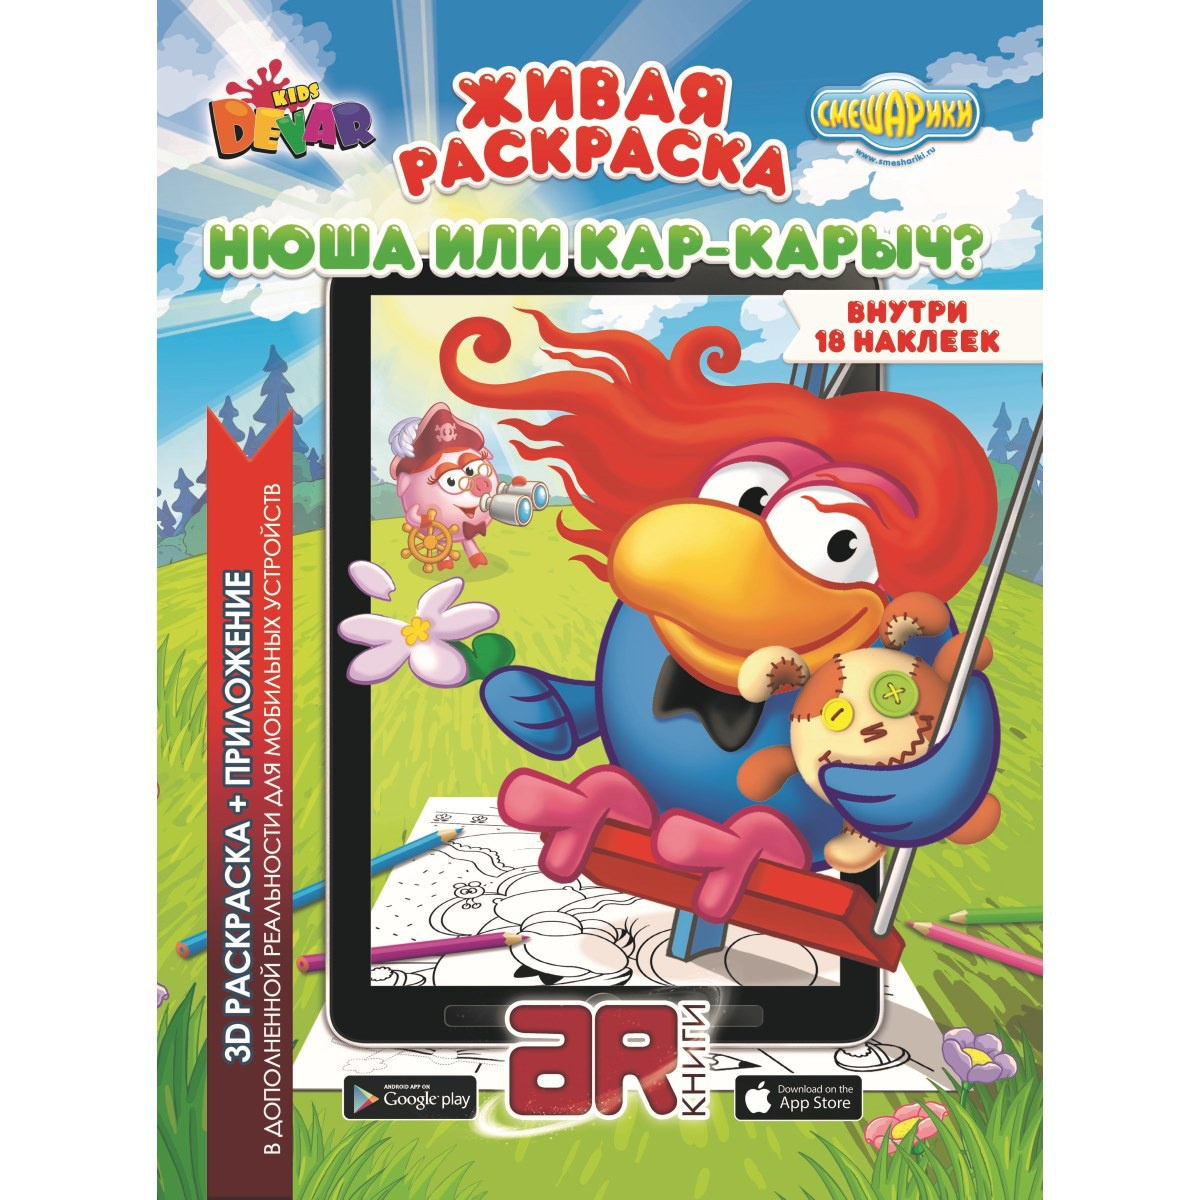 Раскраска Devar Kids 978-5-9908249-1-1